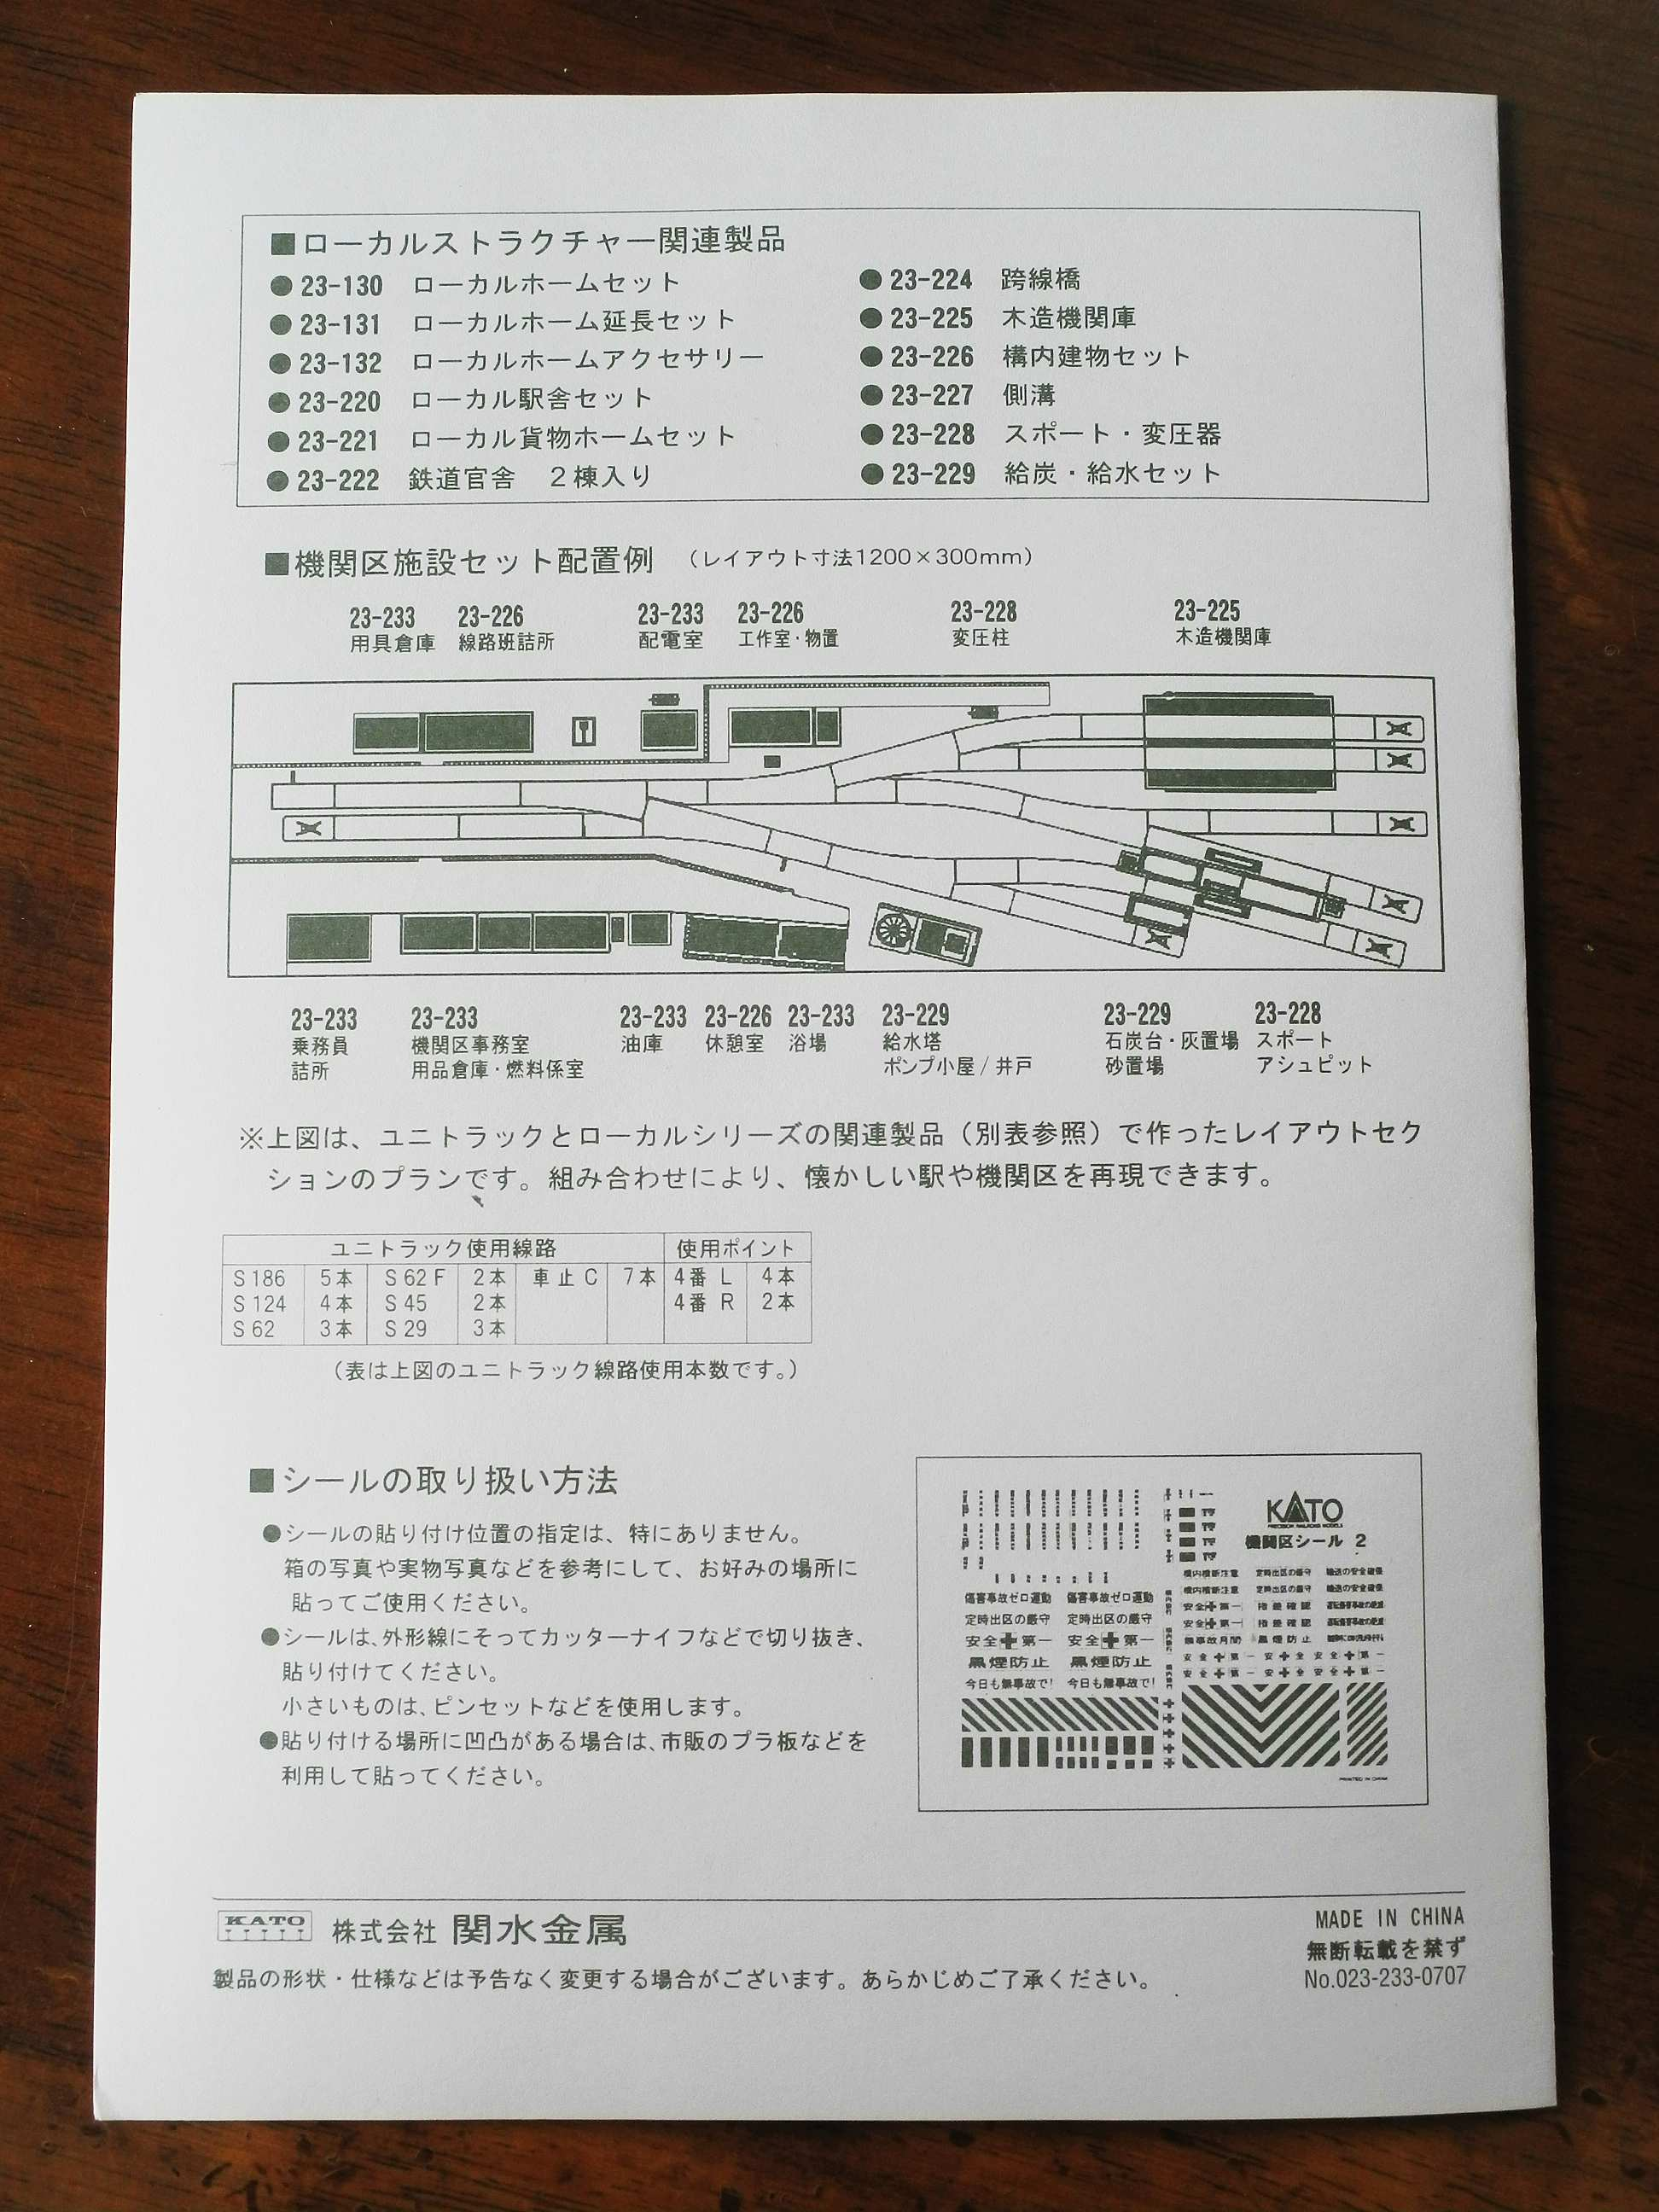 DSCN8519-1.jpg